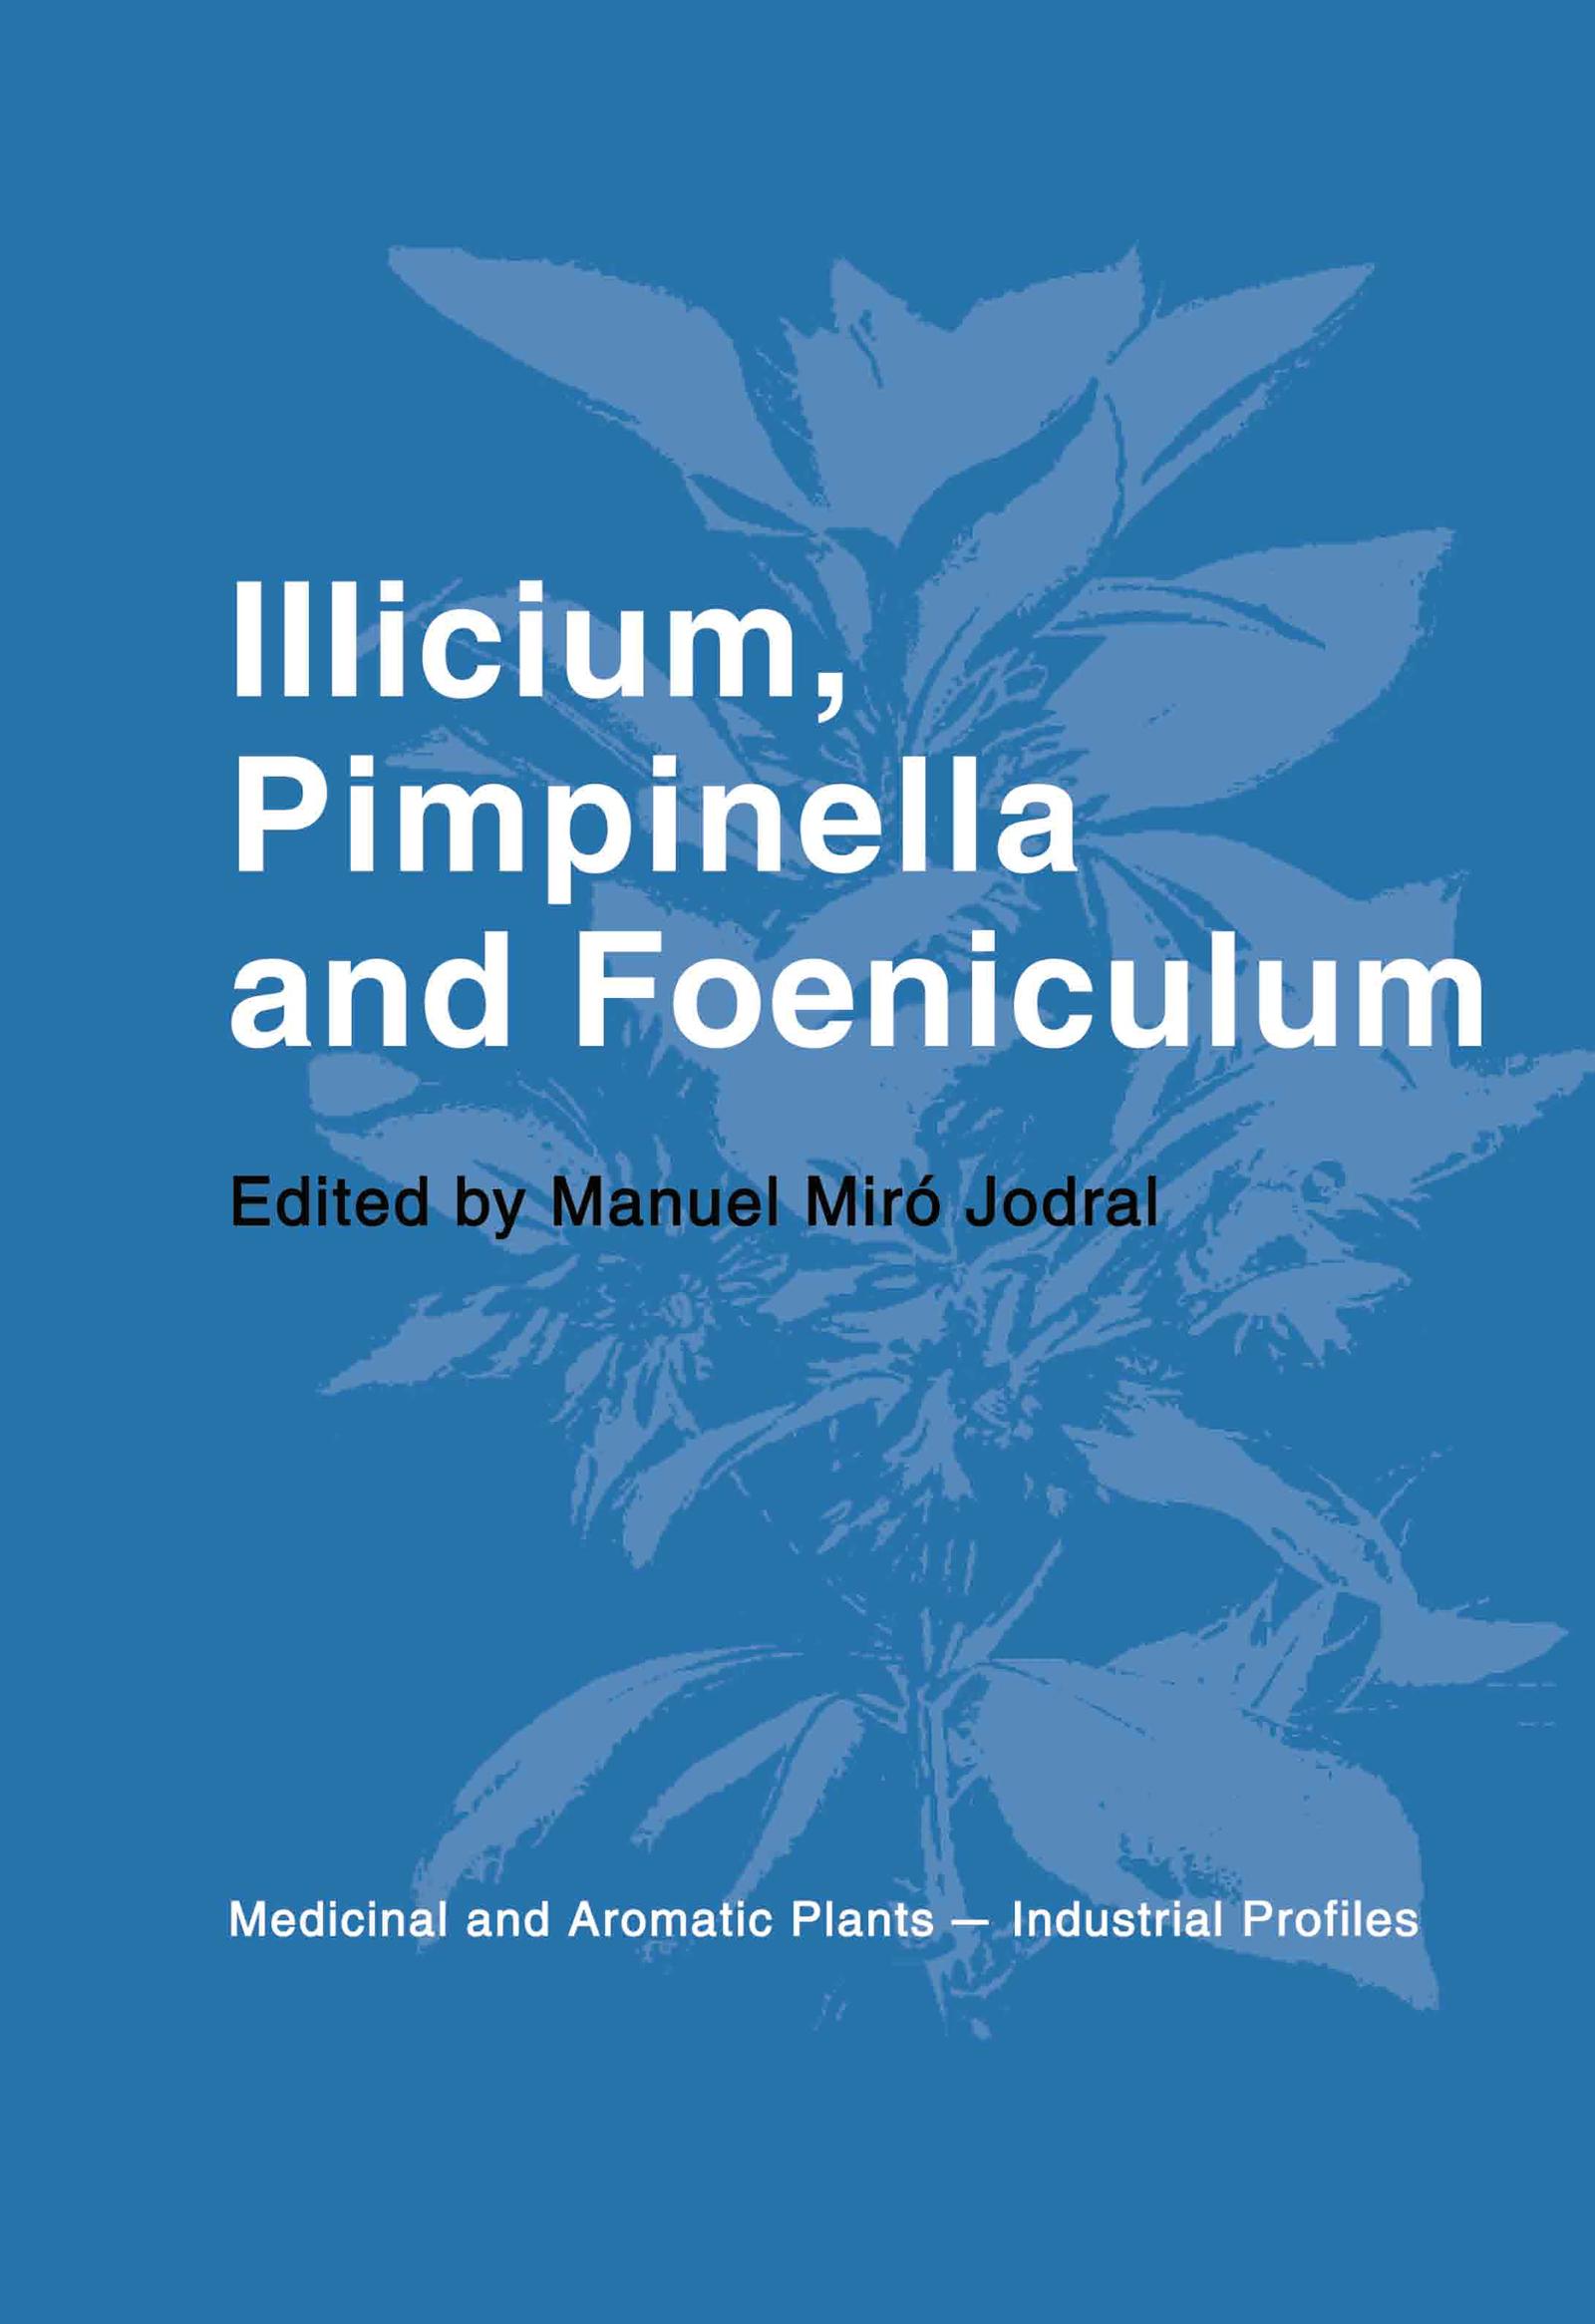 Illicium, Pimpinella and Foeniculum book cover